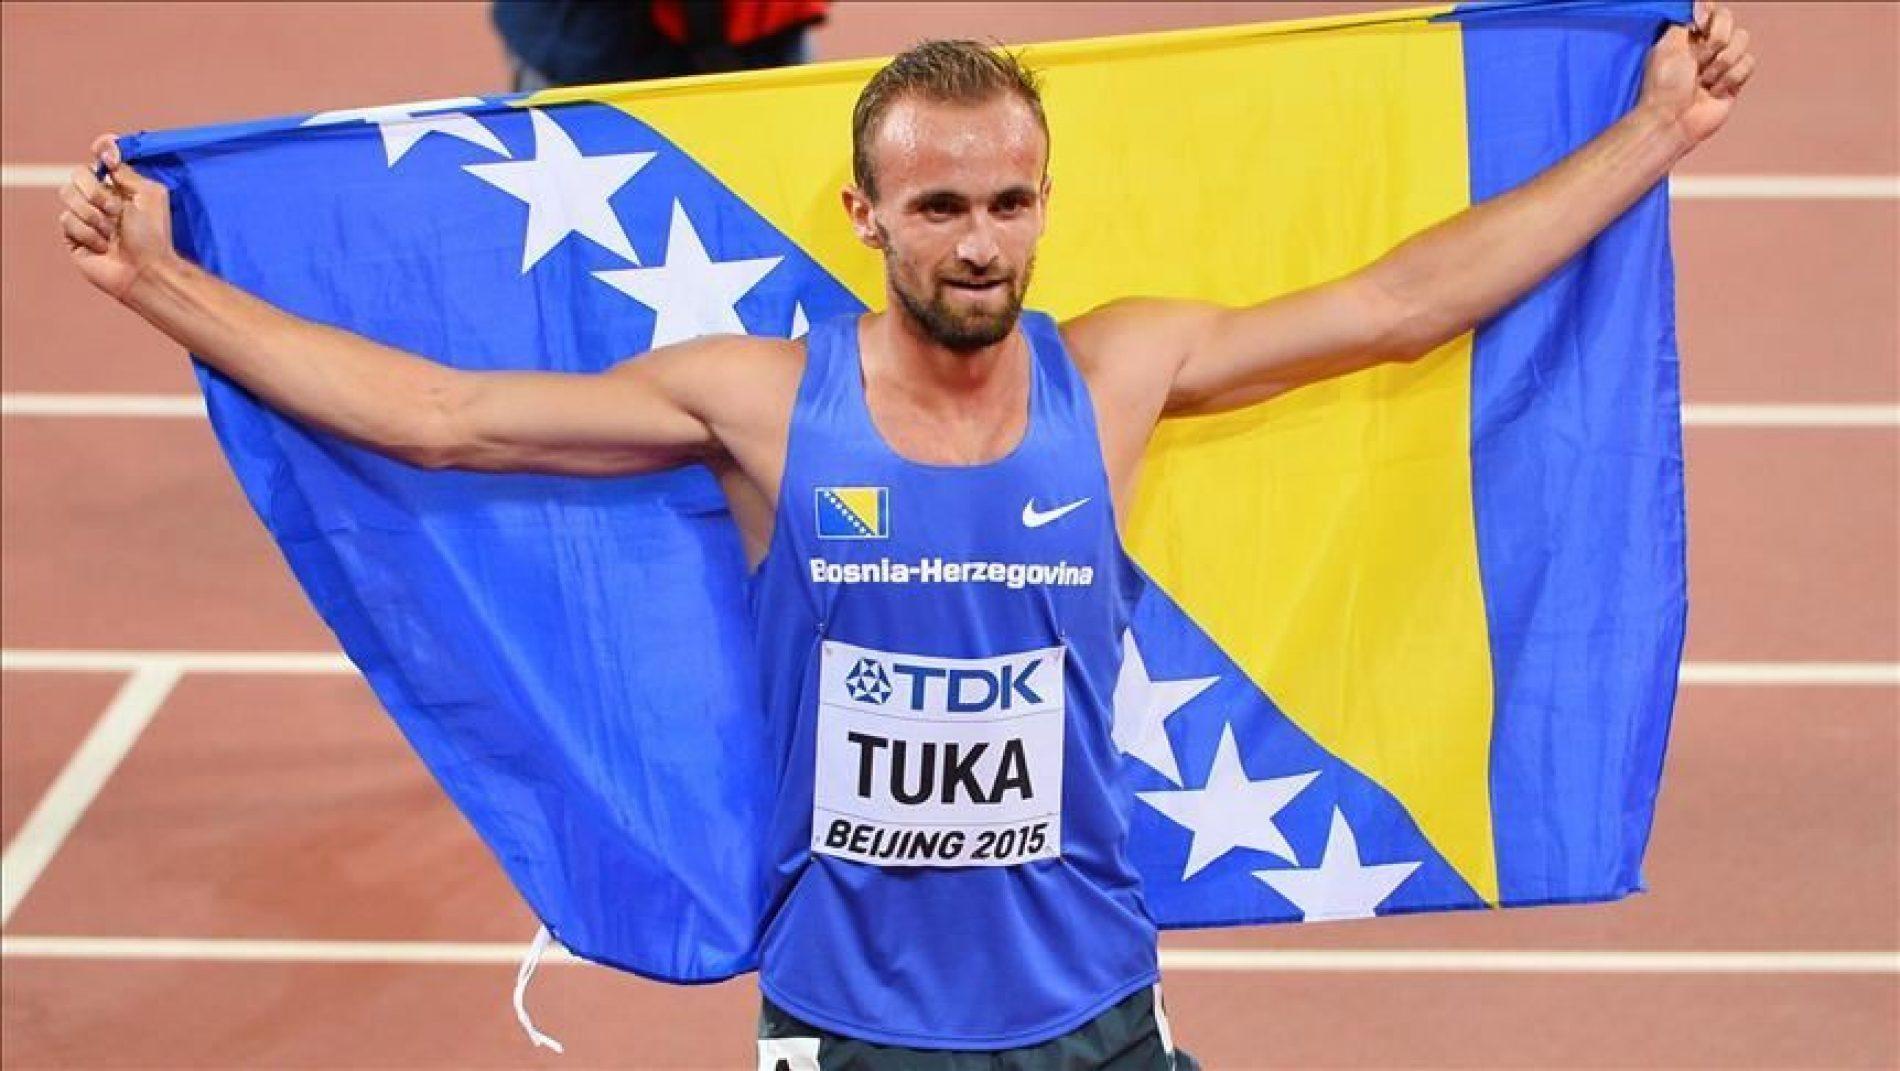 Dijamantska liga: Amel Tuka osvojio prvo mjesto u Stockholmu (VIDEO)